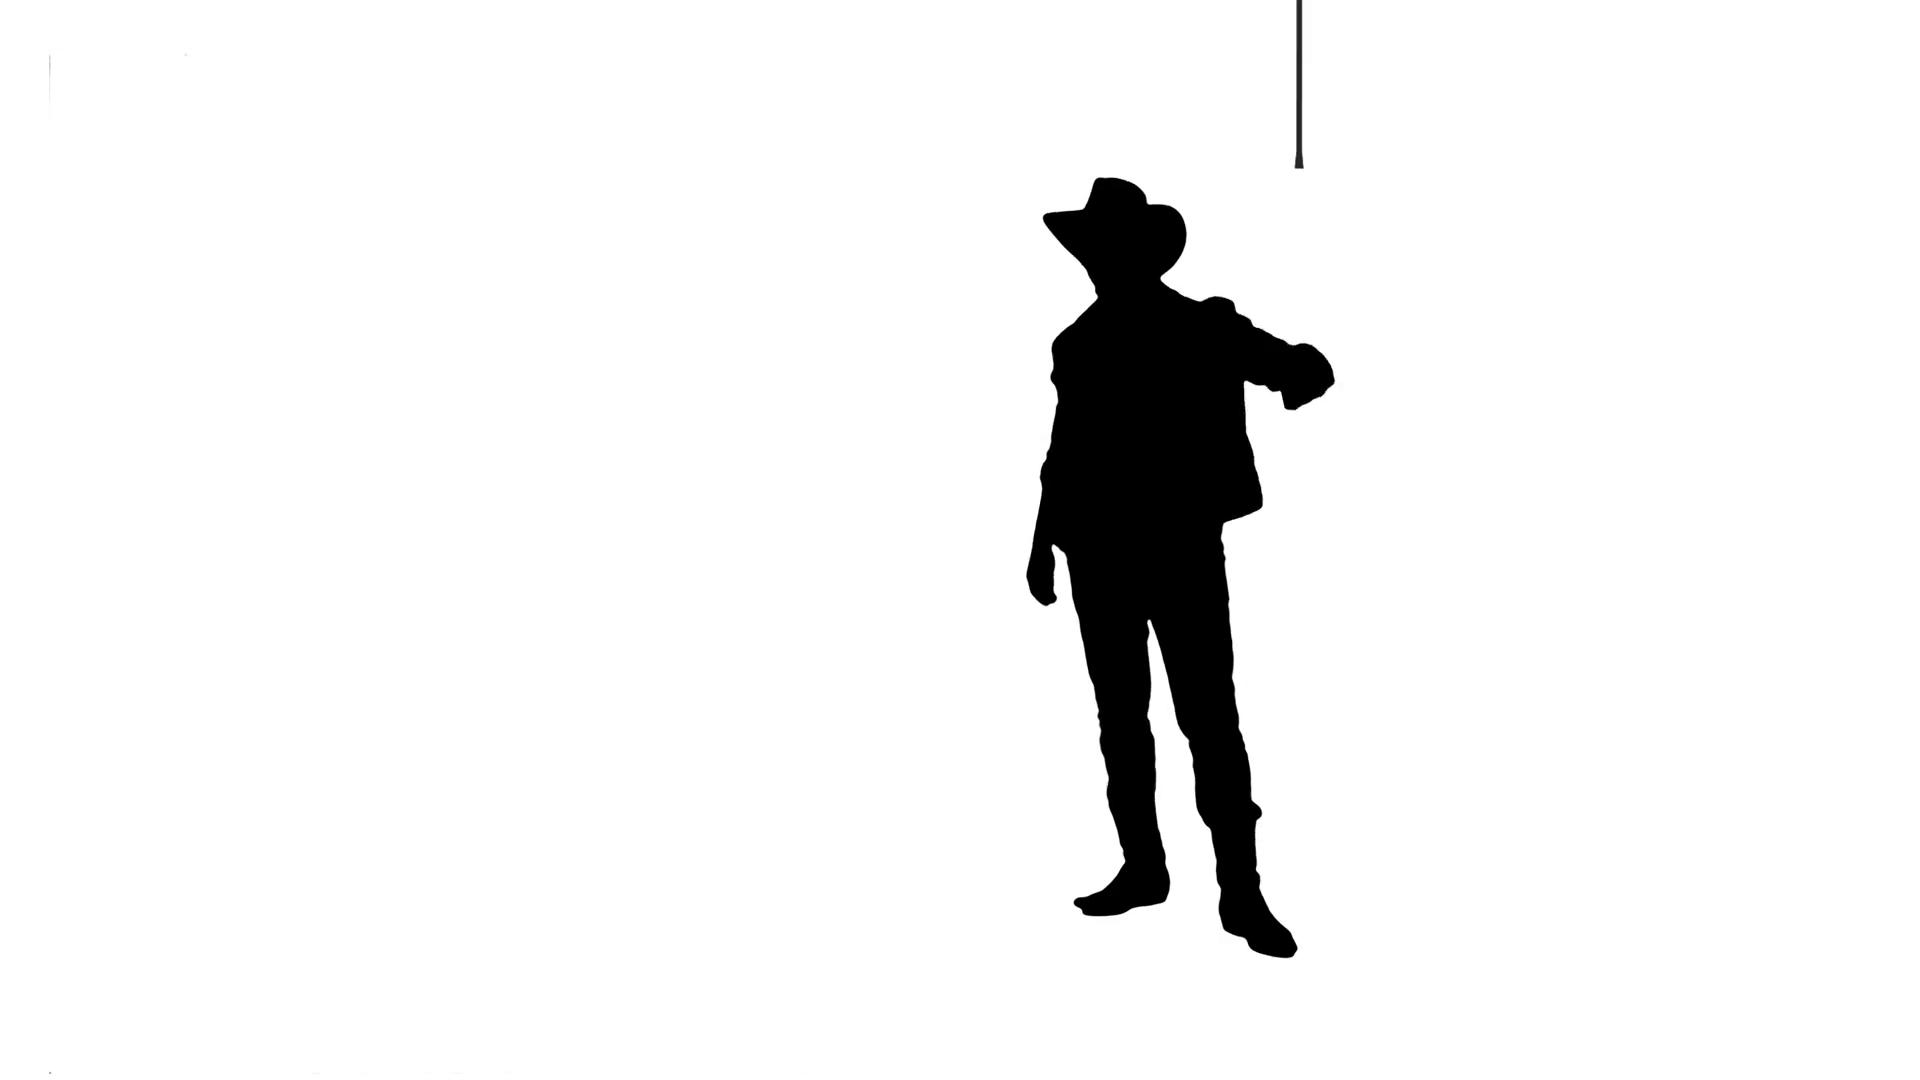 1920x1080 Cowboy Shadow